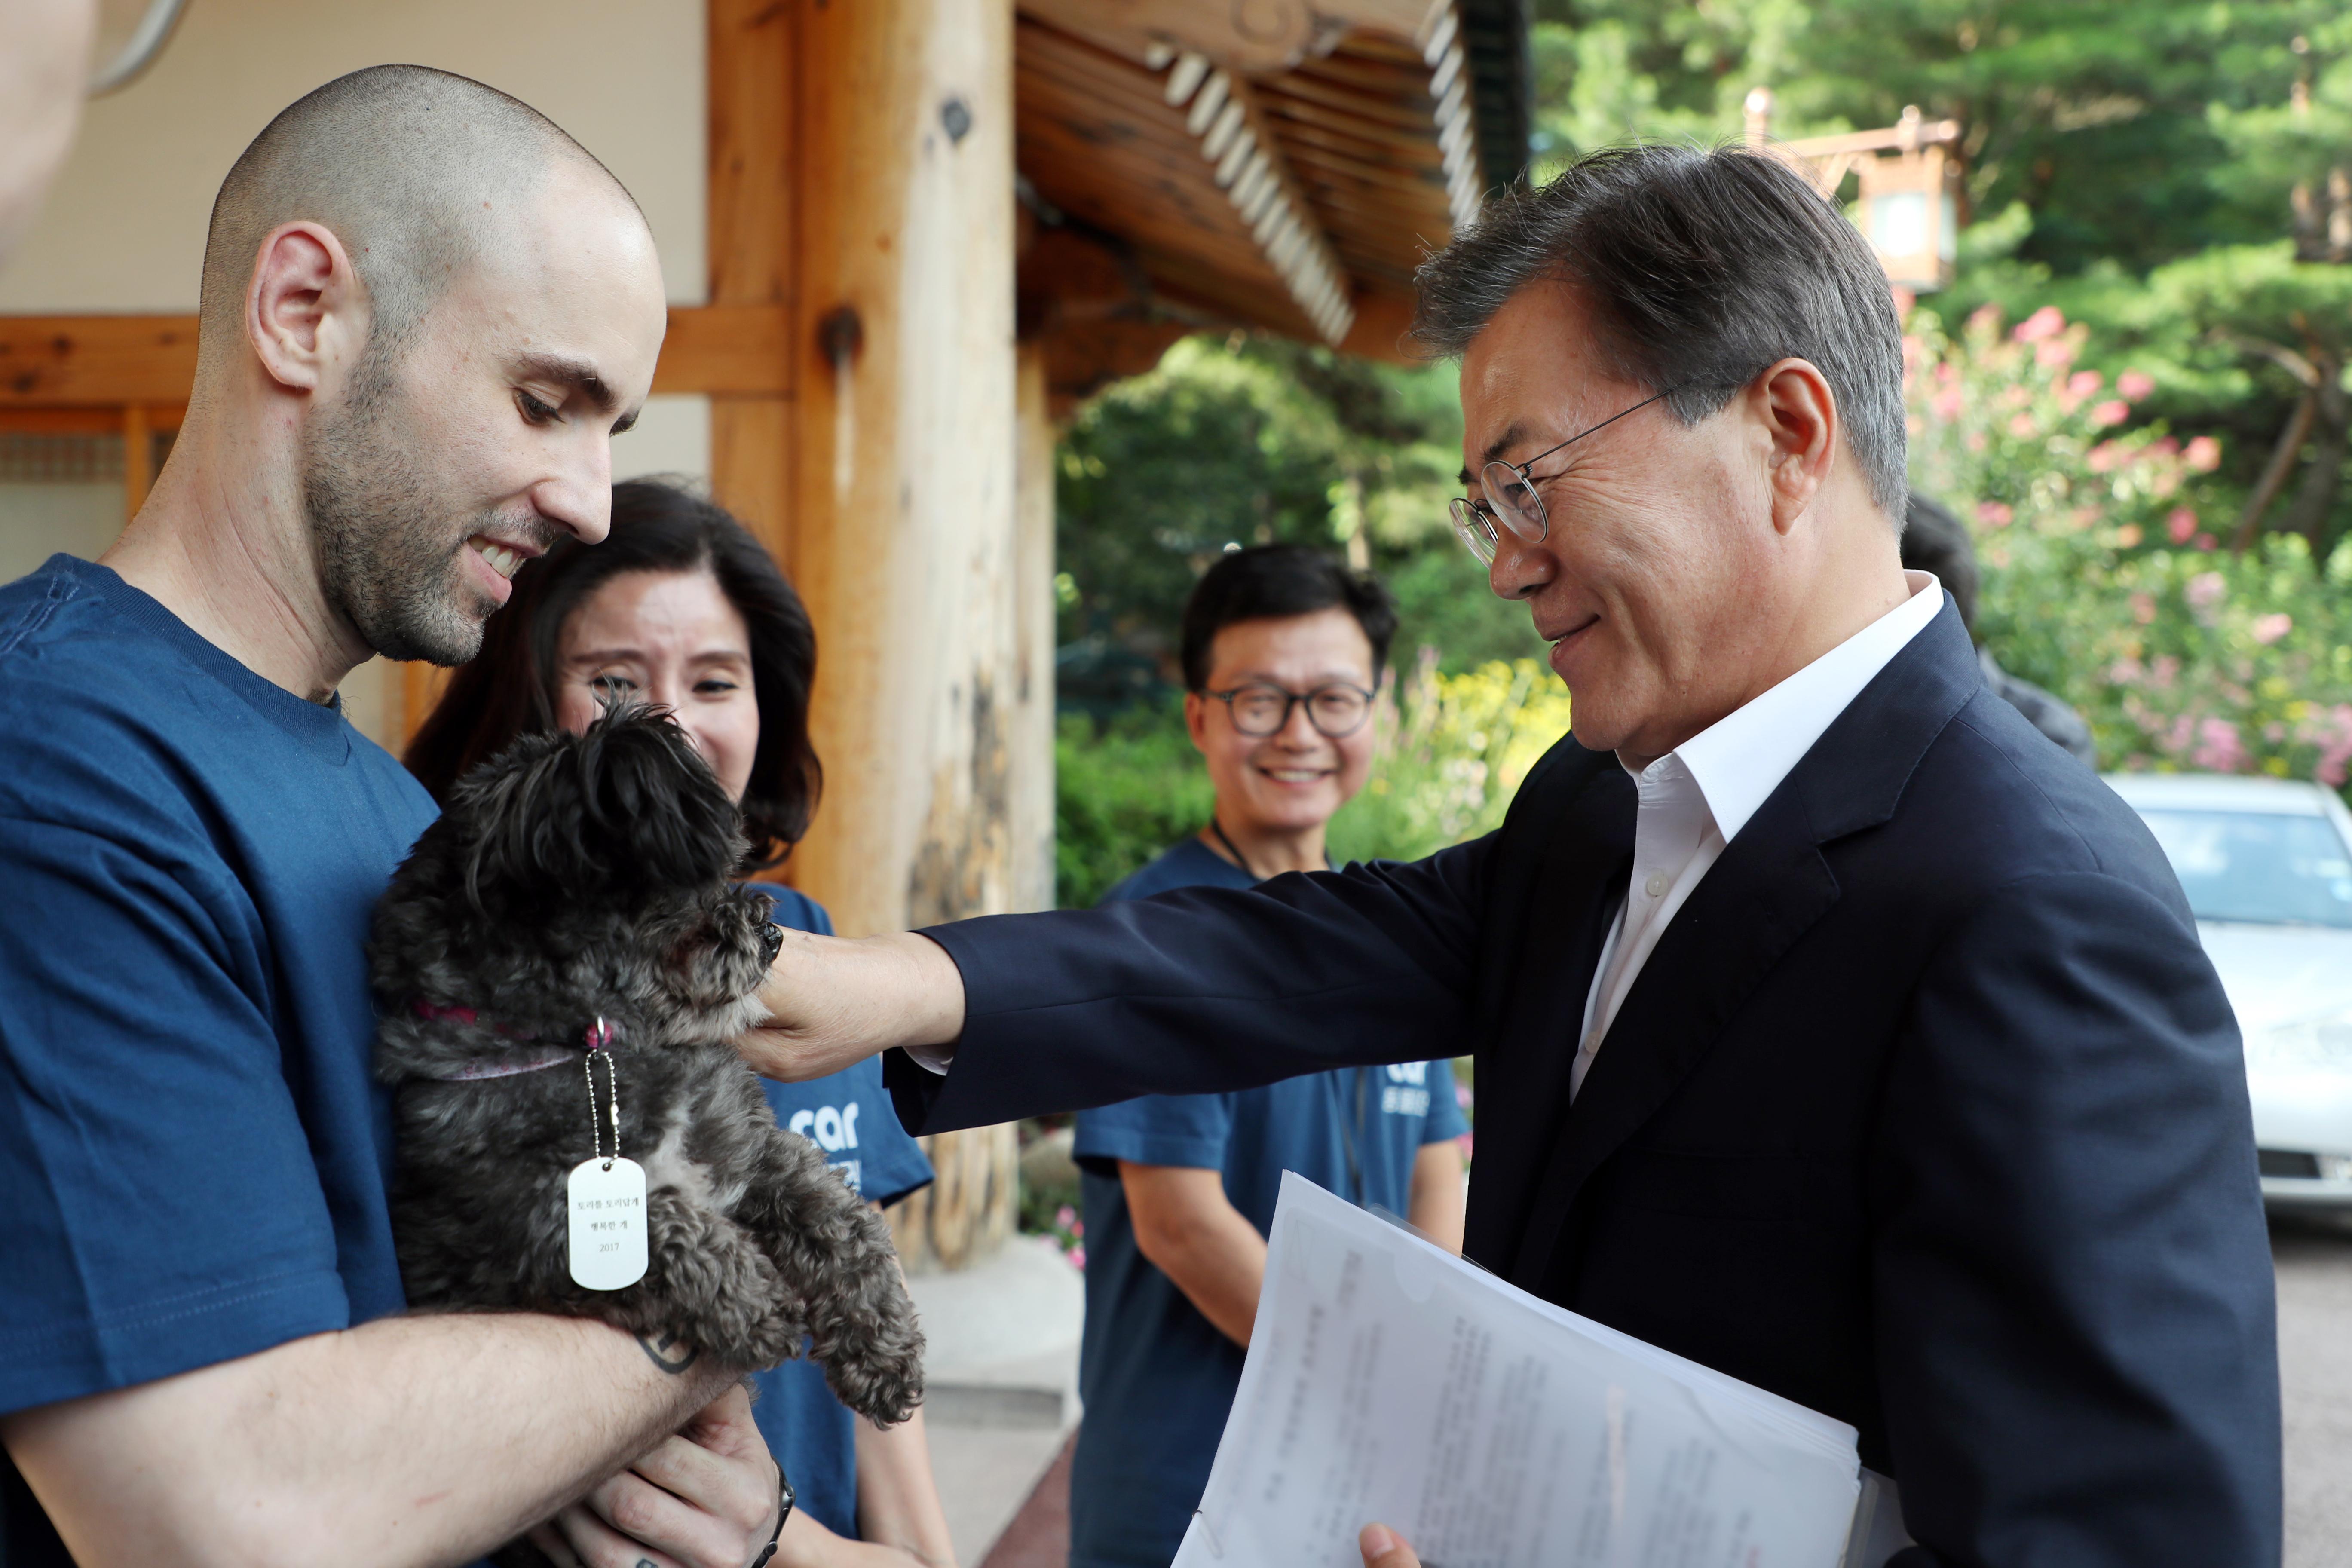 문재인 대통령이 26일 오후 청와대에서 동물단체 '케어'로 부터 유기견이었던 '토리'를 맞이하고 있다.